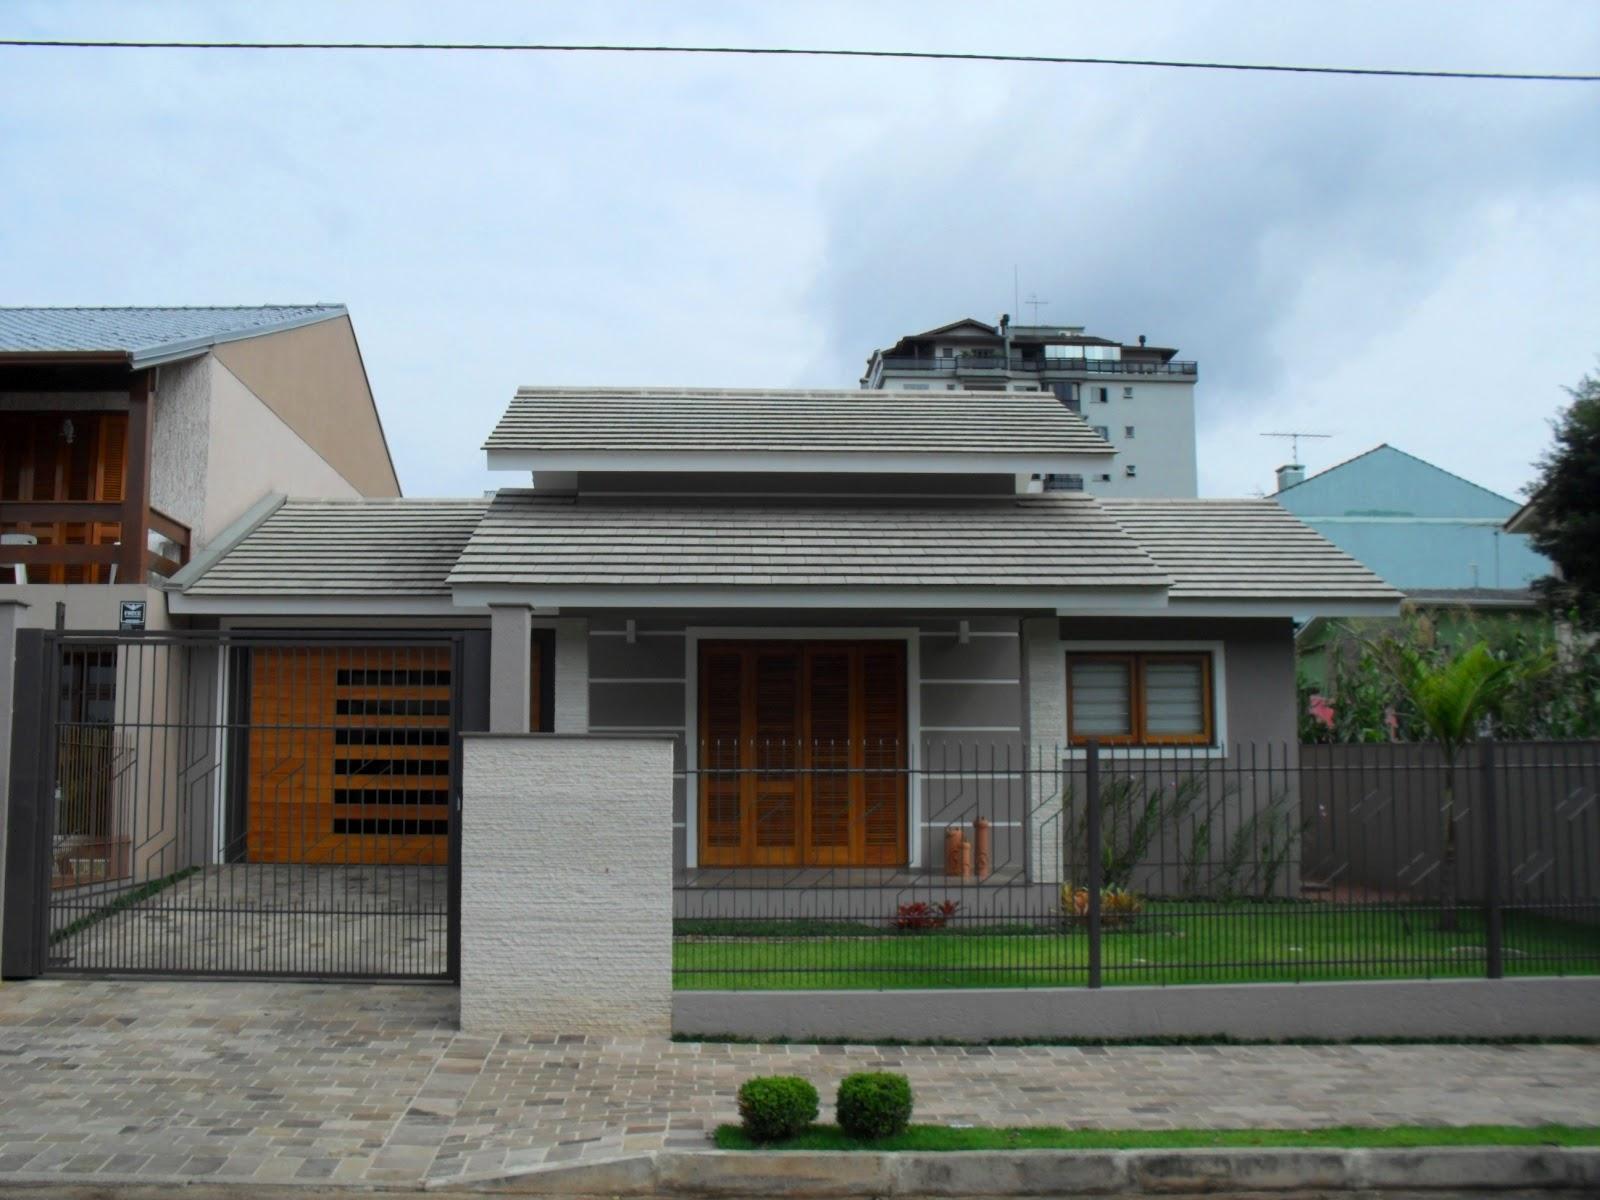 Casas bonitas simples pedras muros images ajilbabcom for Casas bonitas